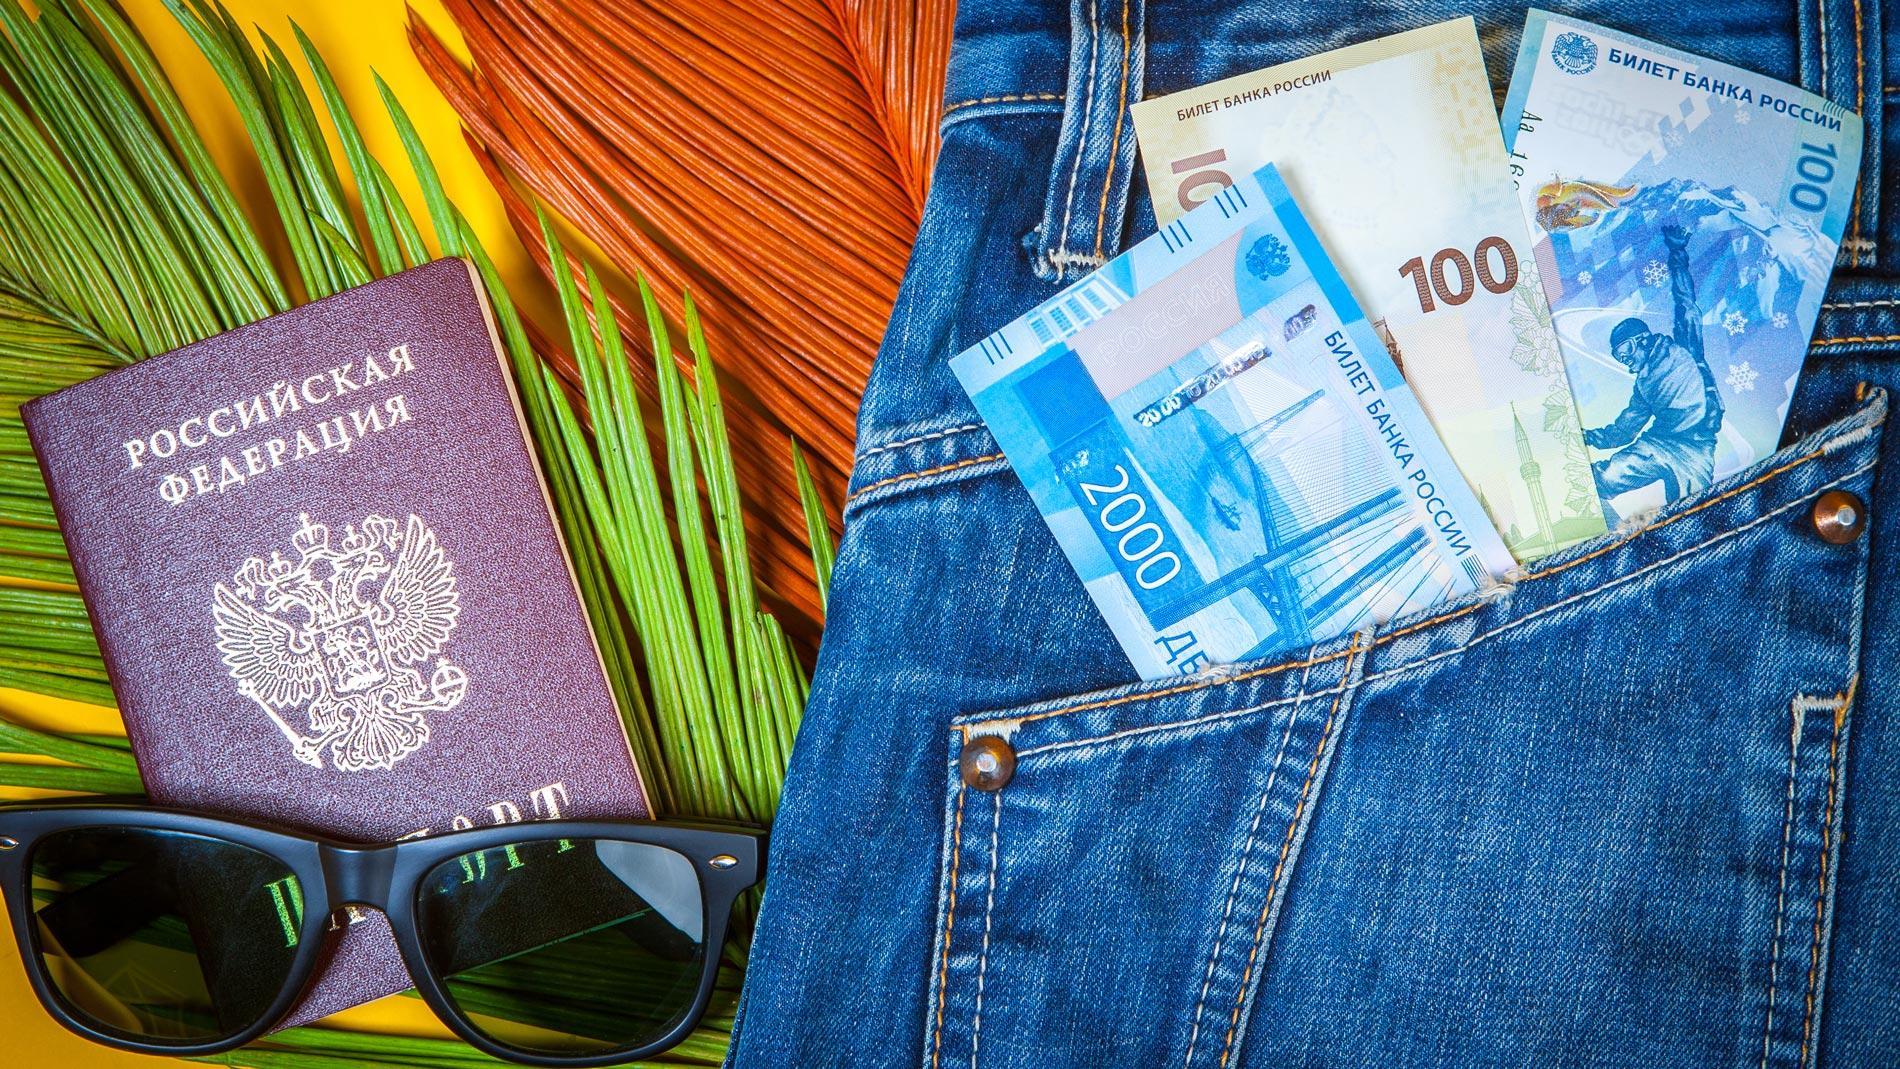 Билет с секретом и особые дни в гостиницах. На чём можно сэкономить, путешествуя по России